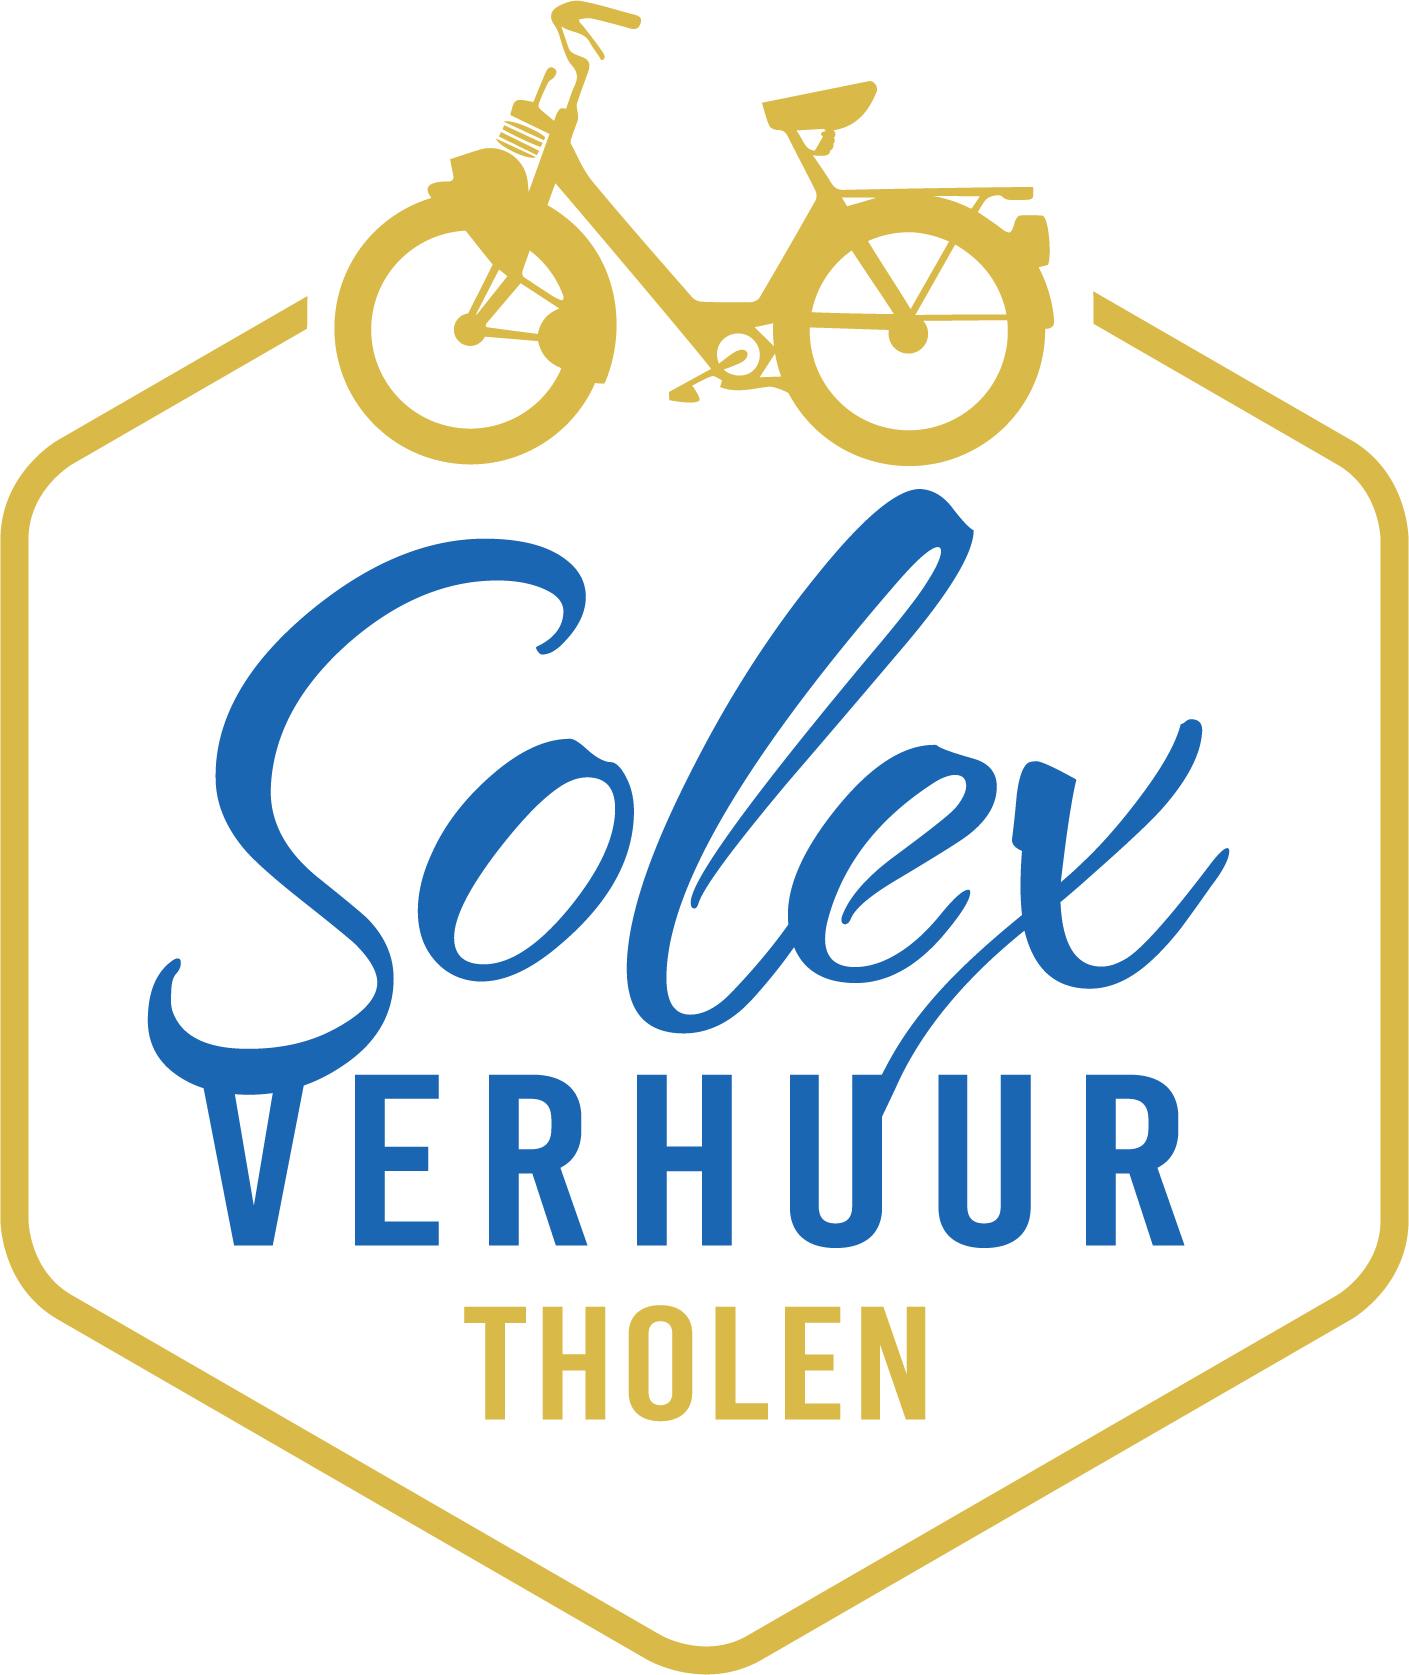 Solexverhuur Tholen